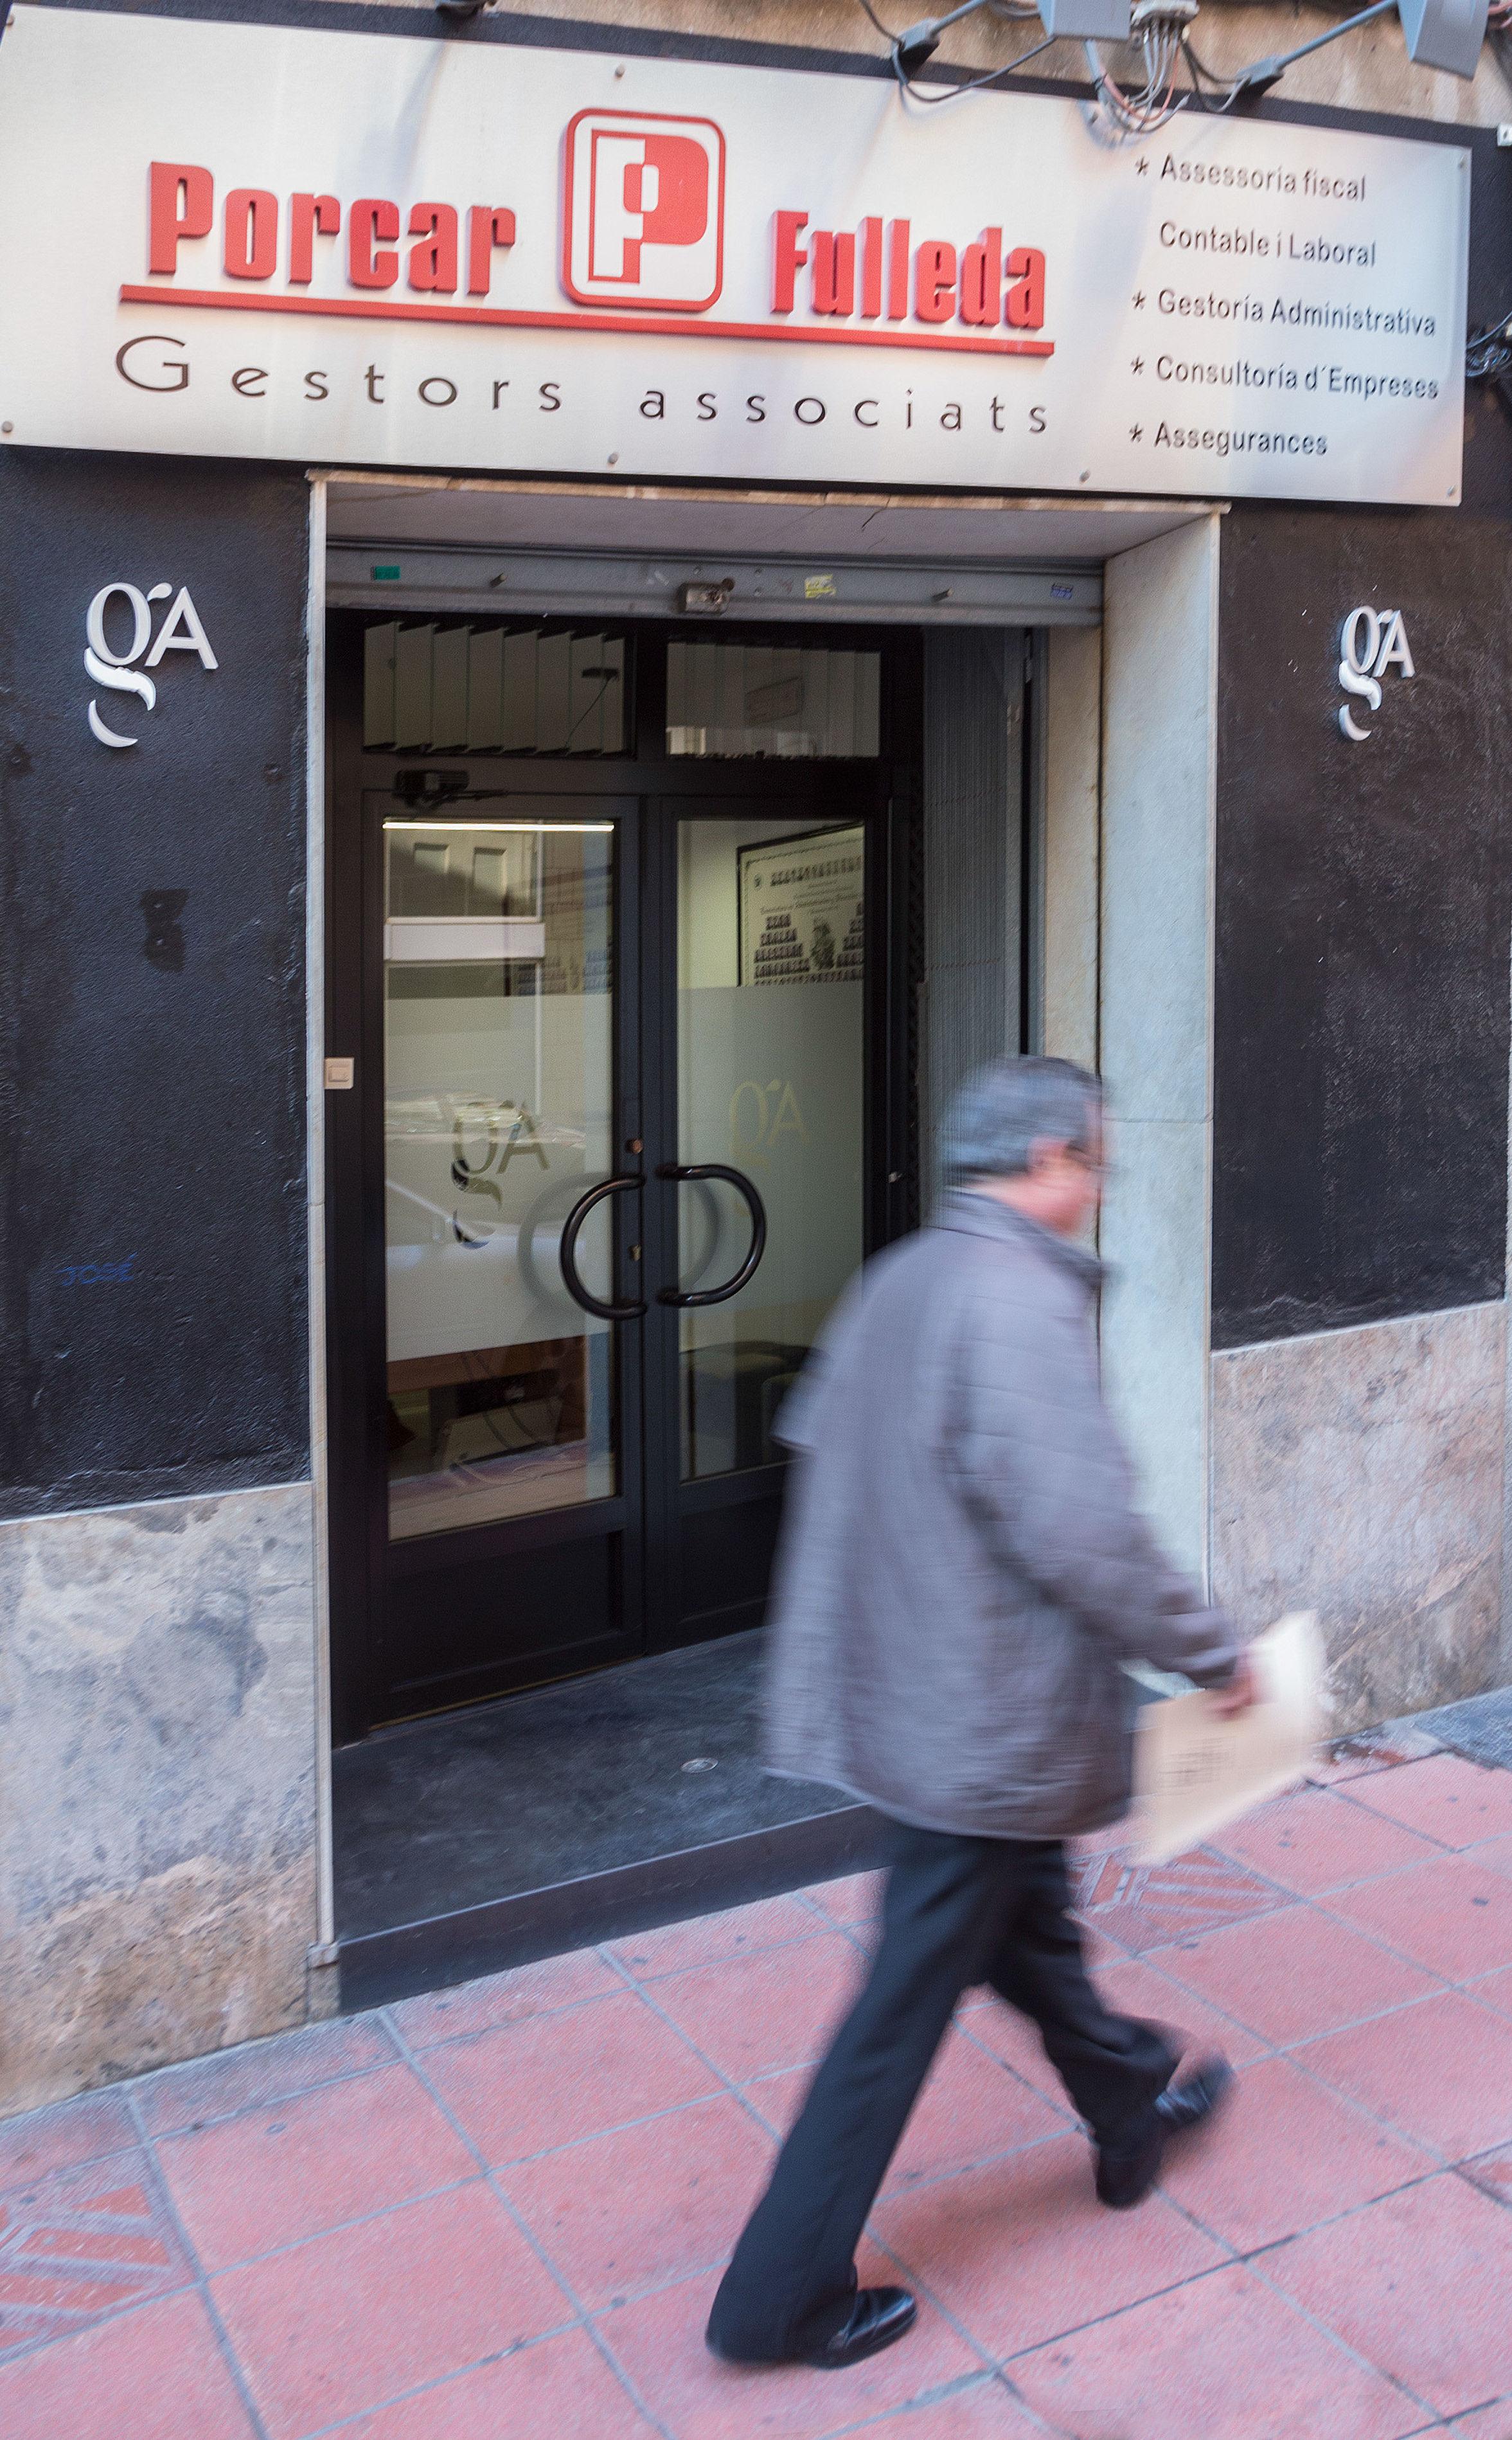 Foto 27 de Gestorías administrativas en Castellón / Castelló de La Plana | Gestors Associats Porcar Fulleda